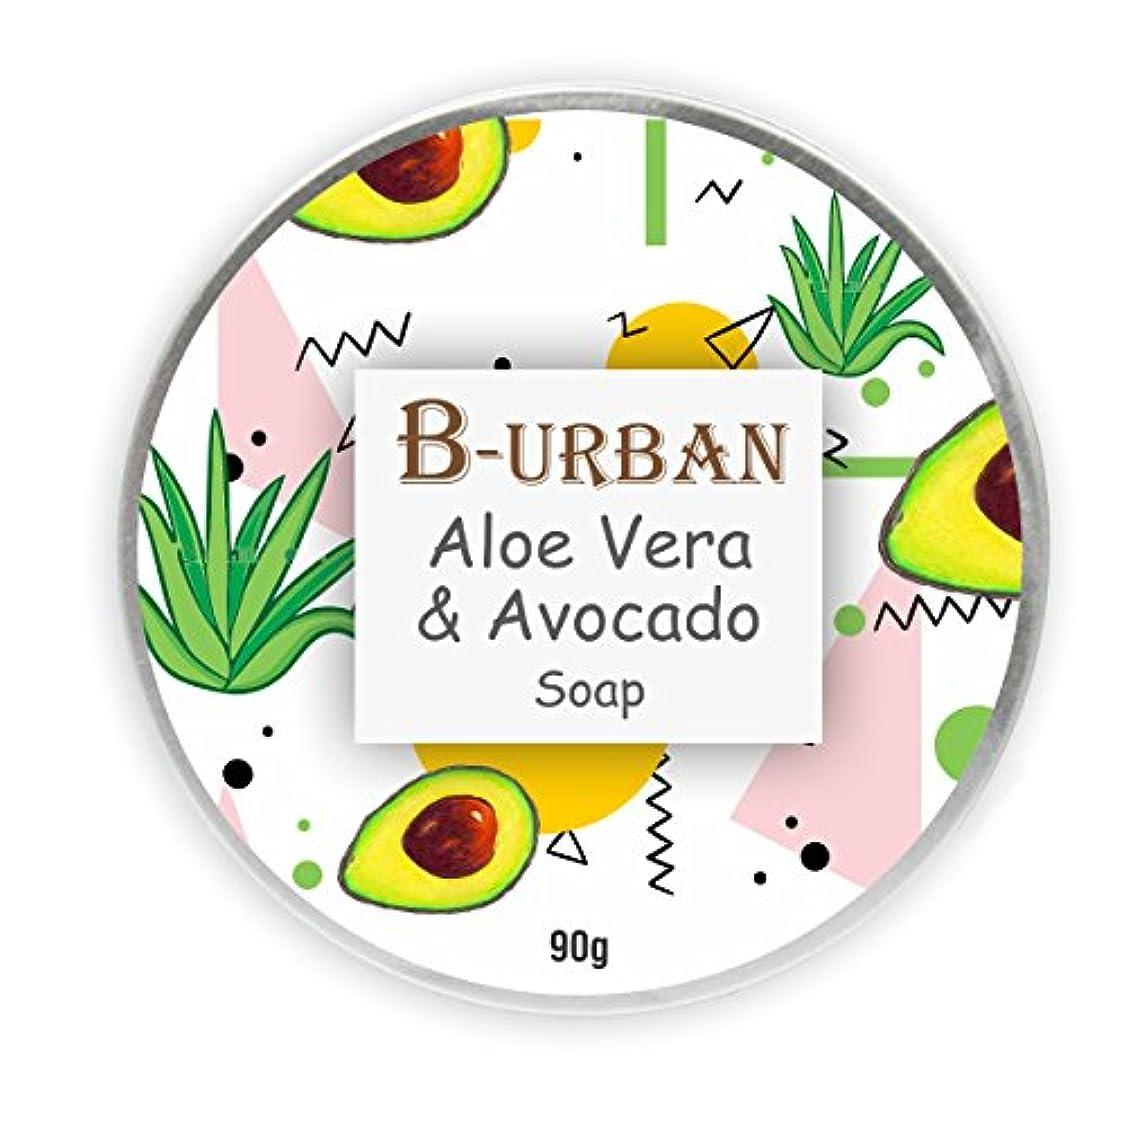 閉じ込めるインタビュー経営者B-Urban Aloe Vera And Avocado Soap Made With Natural And Organic Ingredients. Paraben And Sulphate Free. Moisturizing...